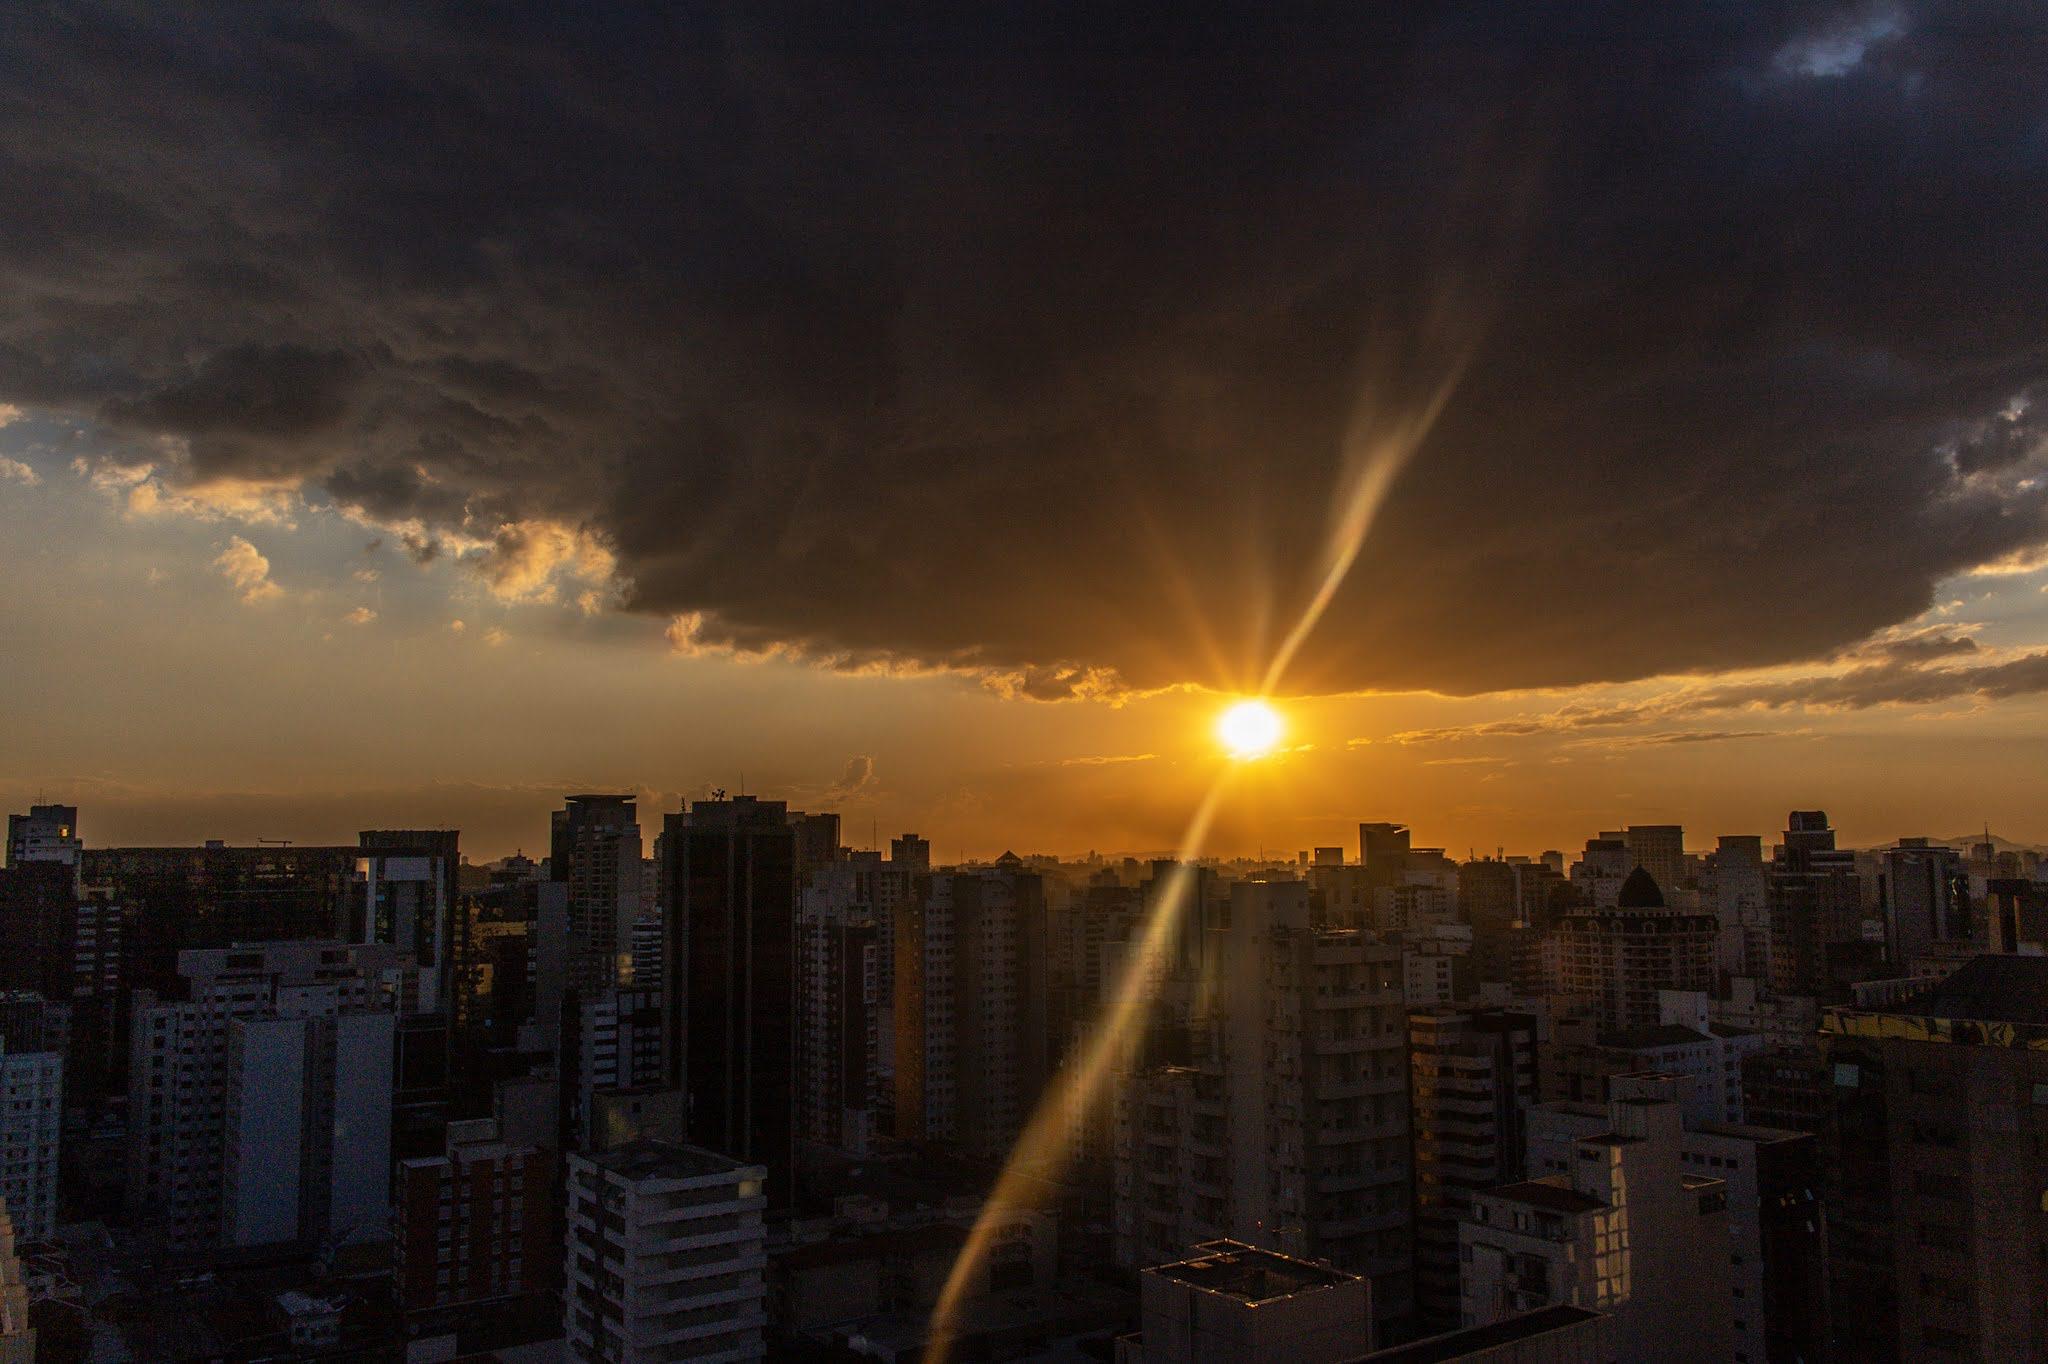 Sanduiche de Sol entre Nuvem e Cidade